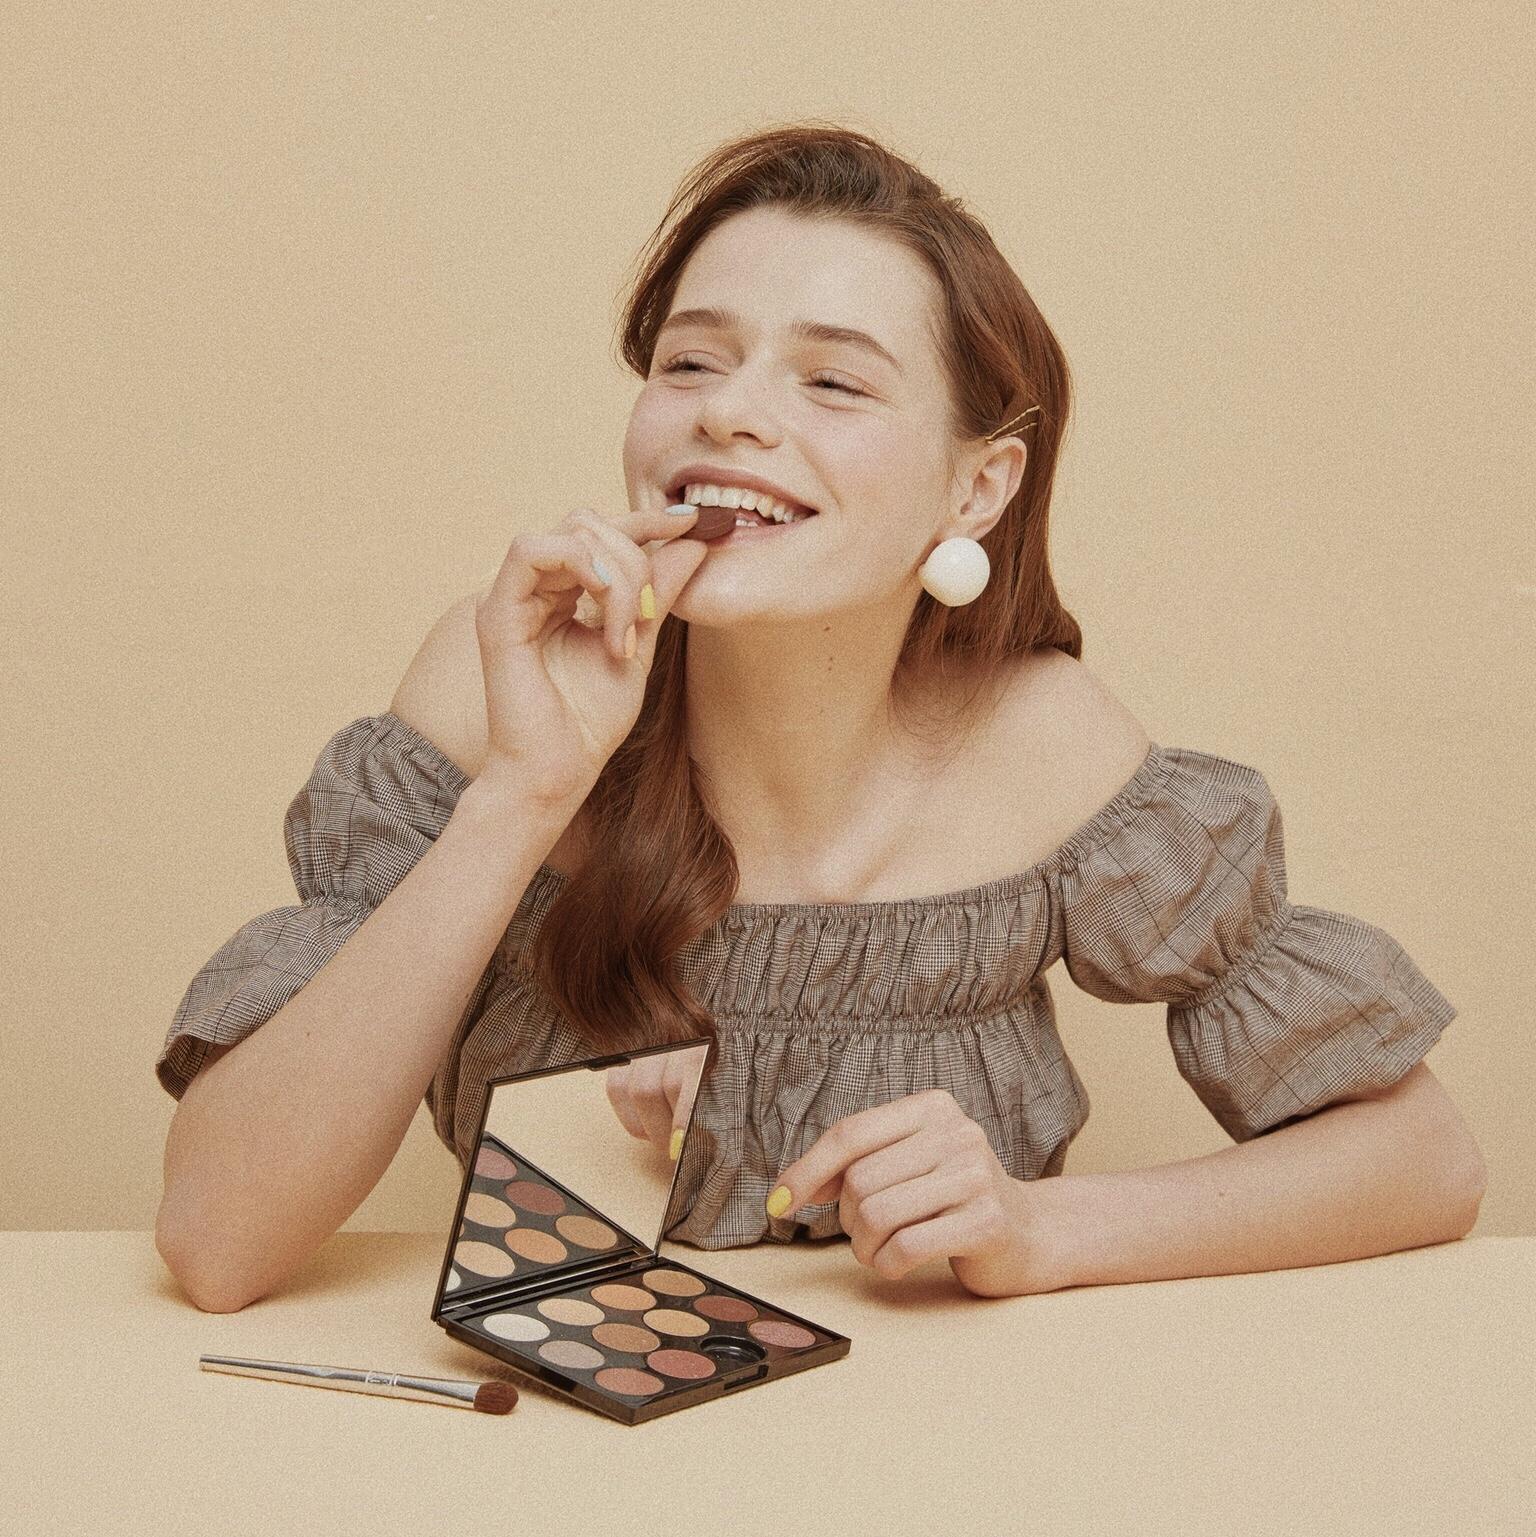 komistudio眼影盘手工创意巧克力伴手礼送女友生日情人节礼物零食